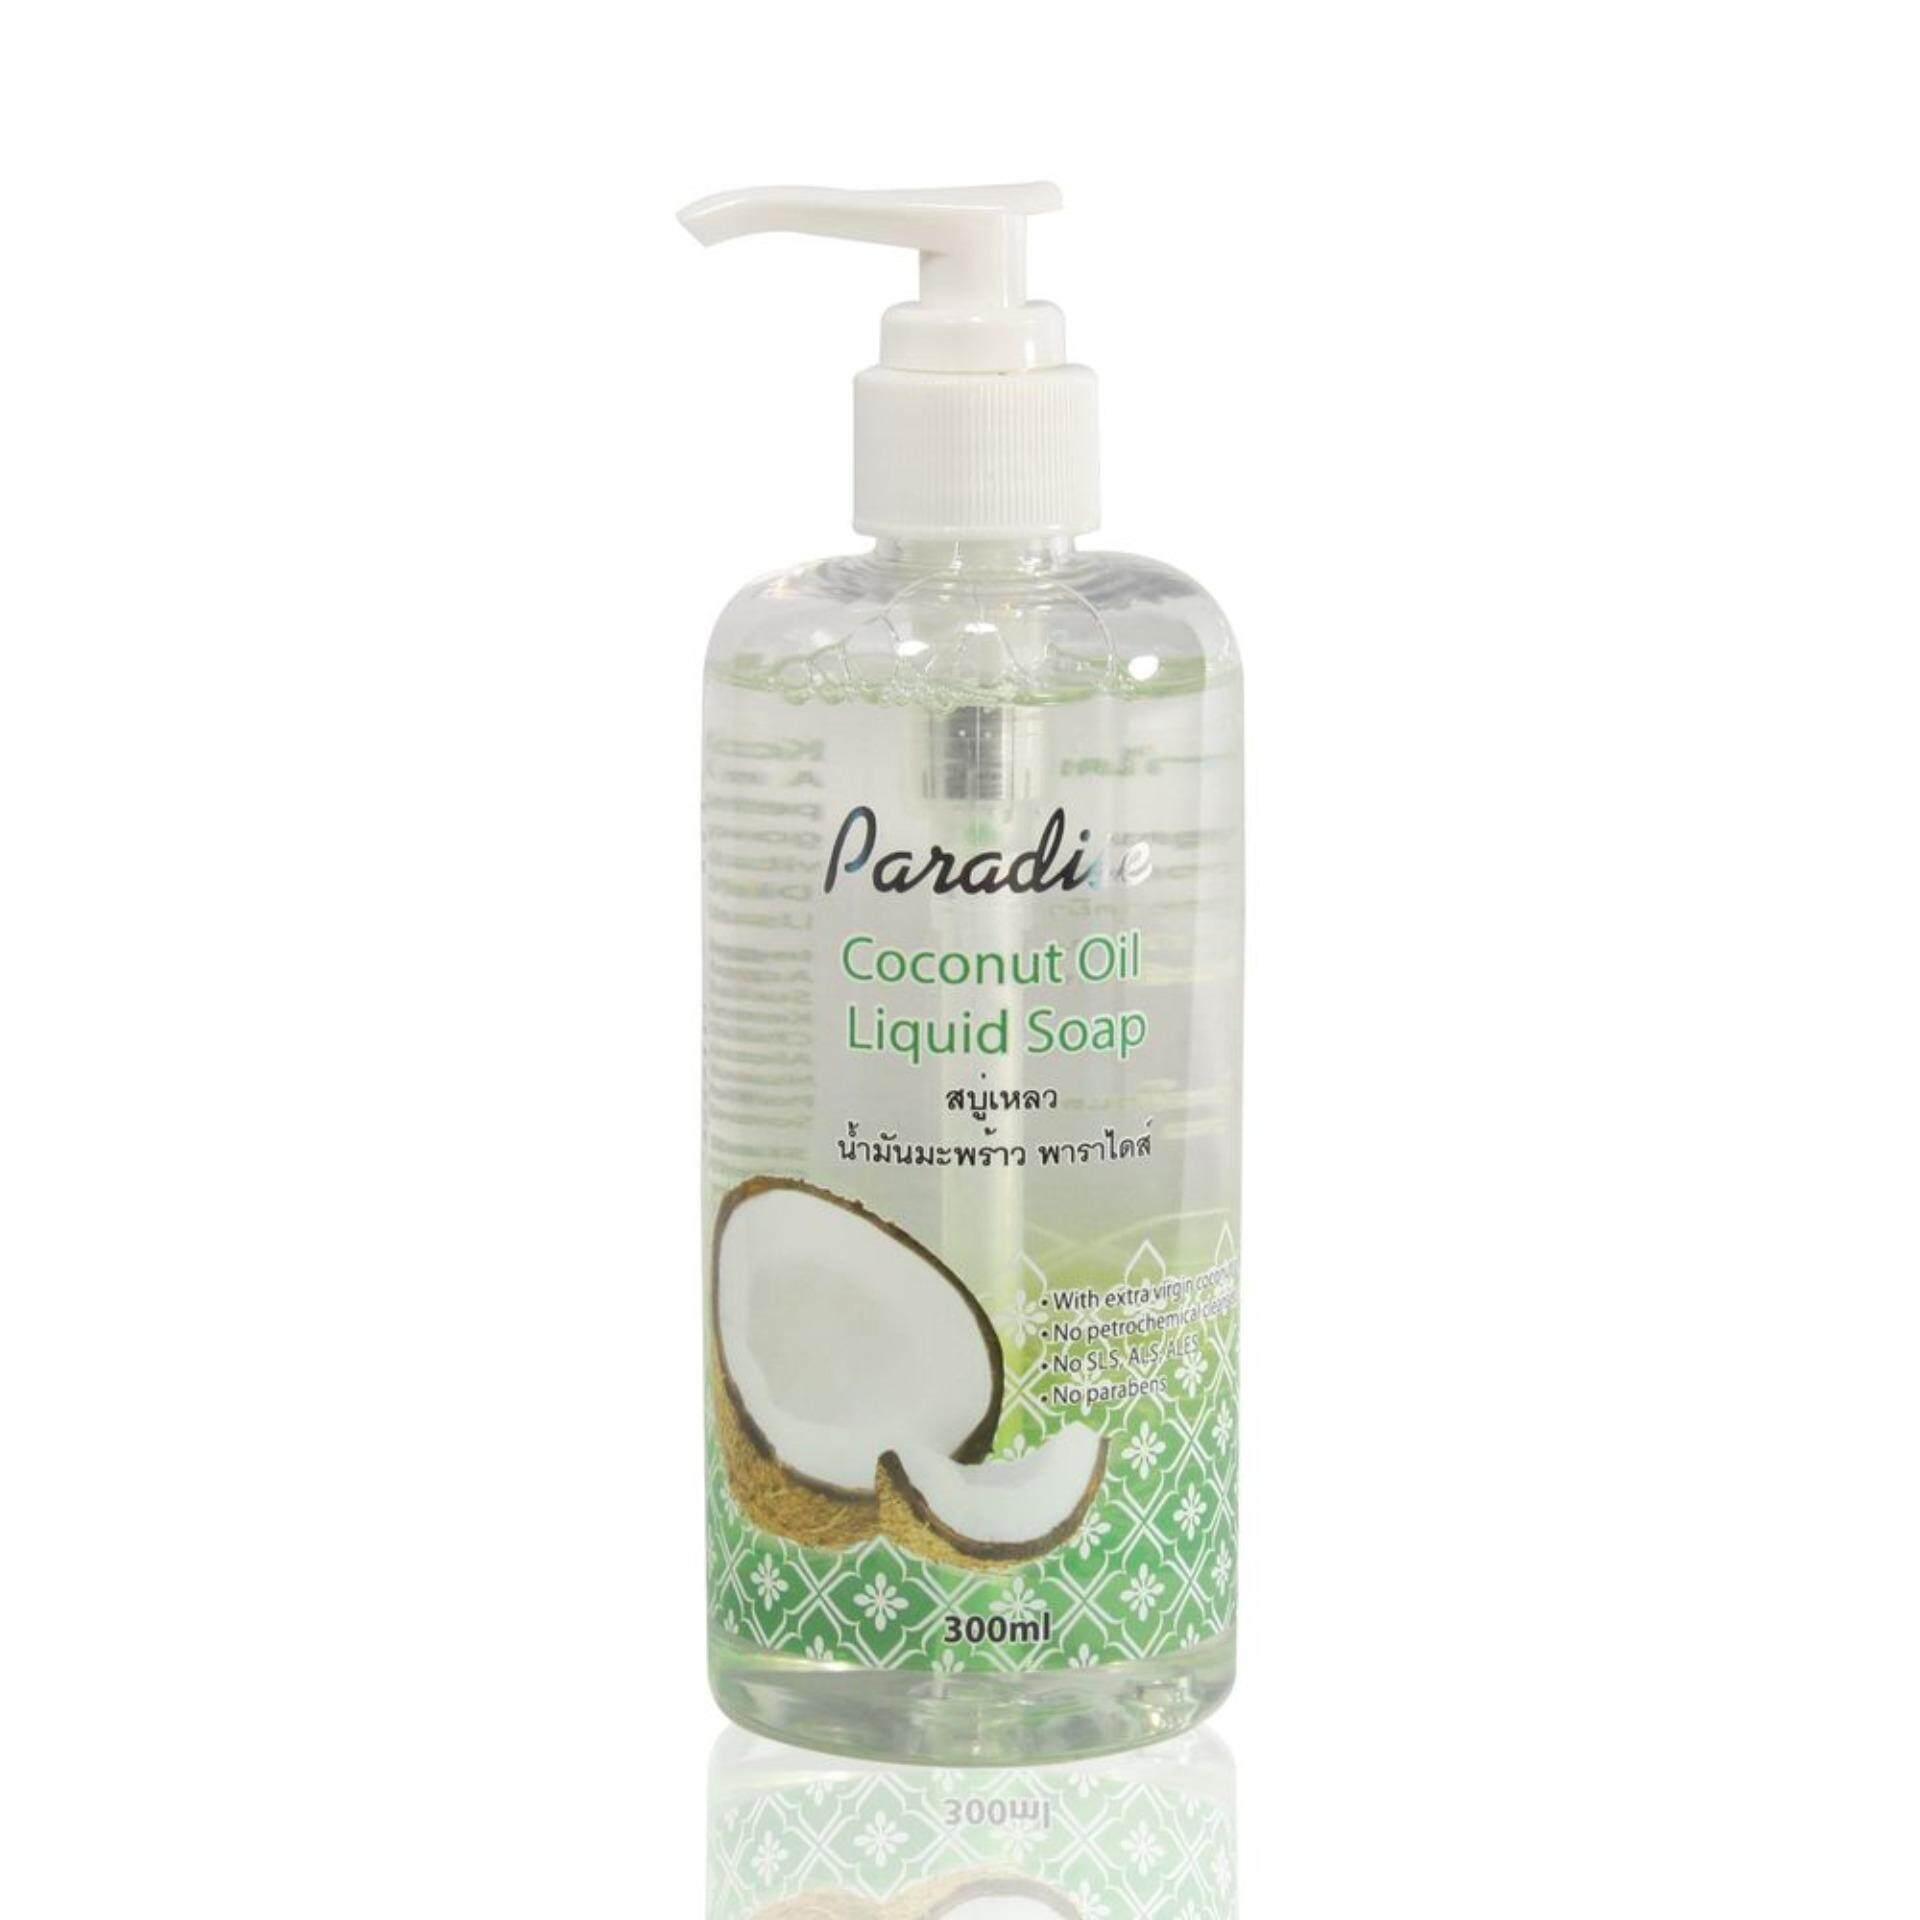 ราคา Paradise Coconut Oil Liquid Soap สบู่เหลว น้ำมันมะพร้าว 300Ml Paradise Coconut Oil